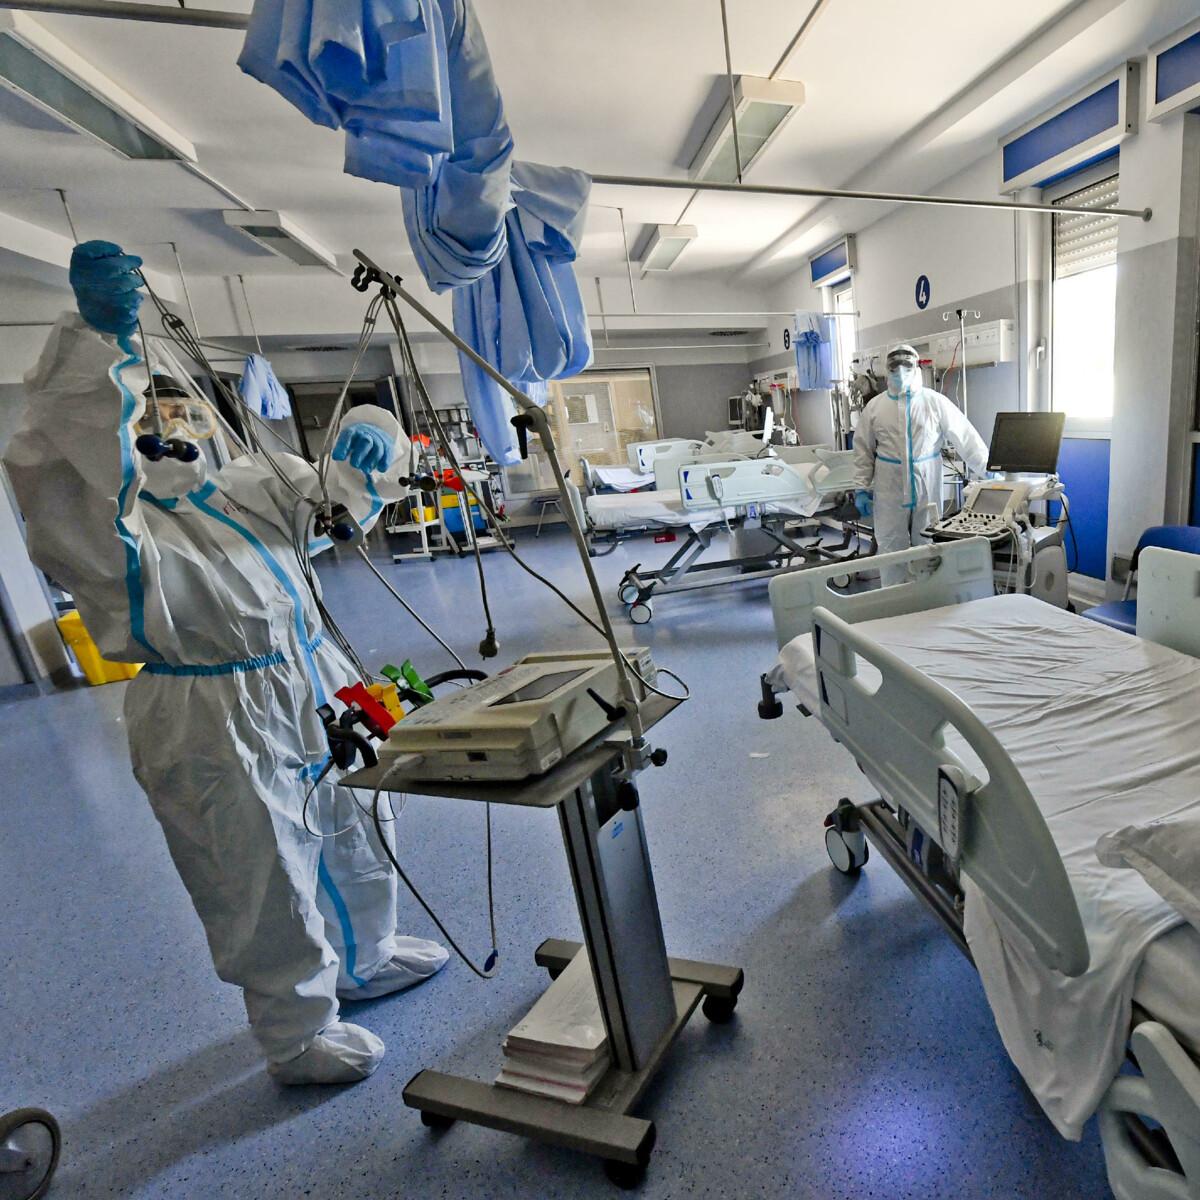 Coronavirus, il bollettino di oggi sabato 24 luglio 2021: 5.410 nuovi casi e 5 morti. Risalgono i ricoveri